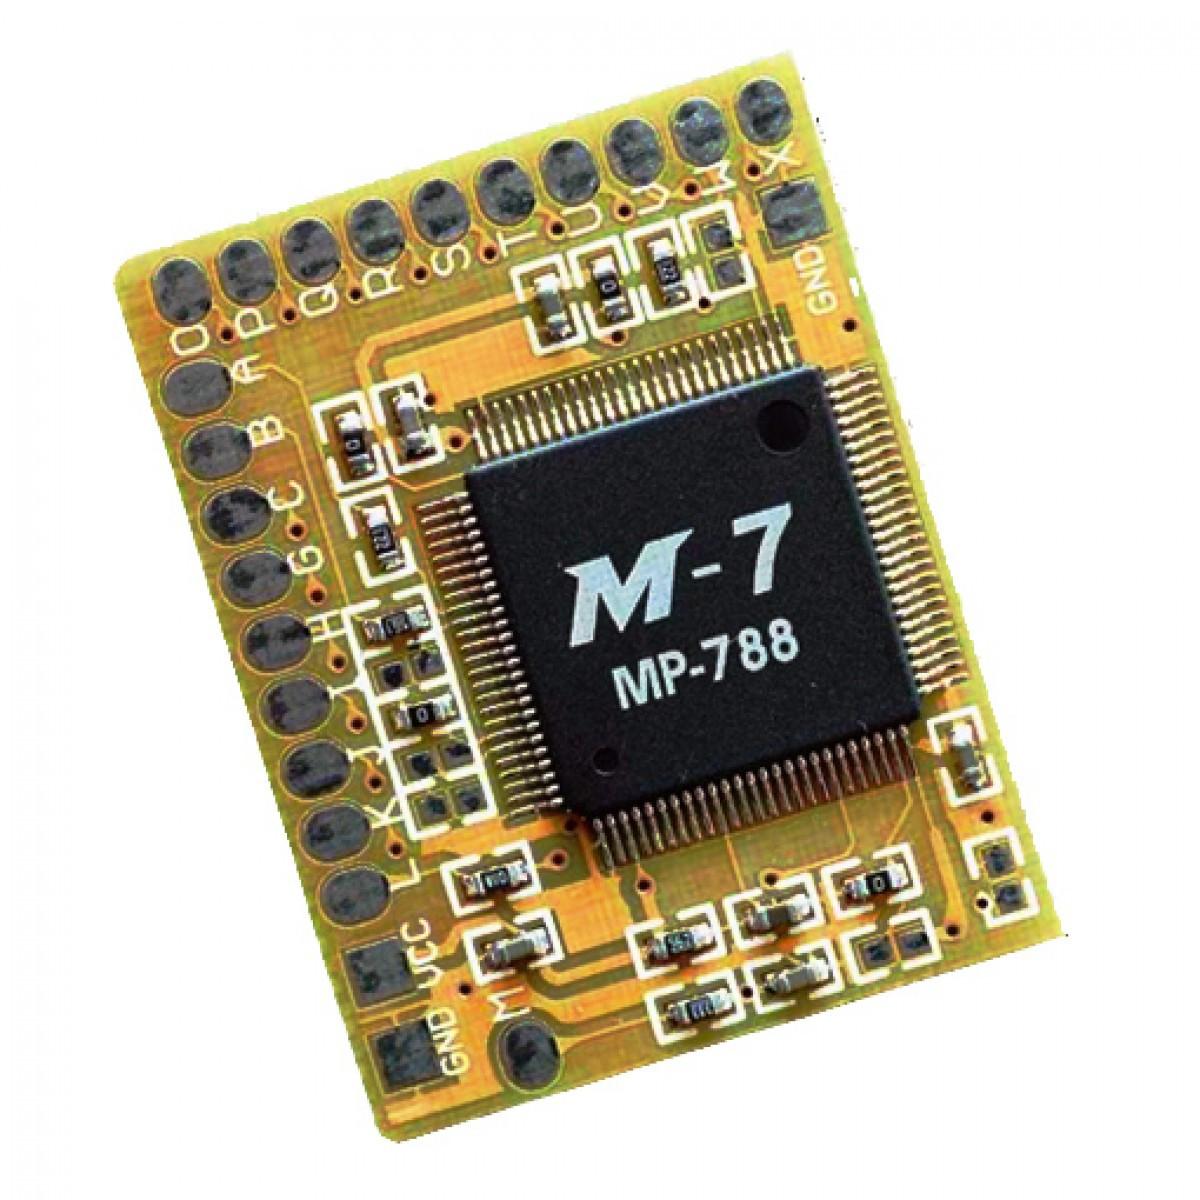 Чип для прошивки PS2   M-chip M-7 MP-788